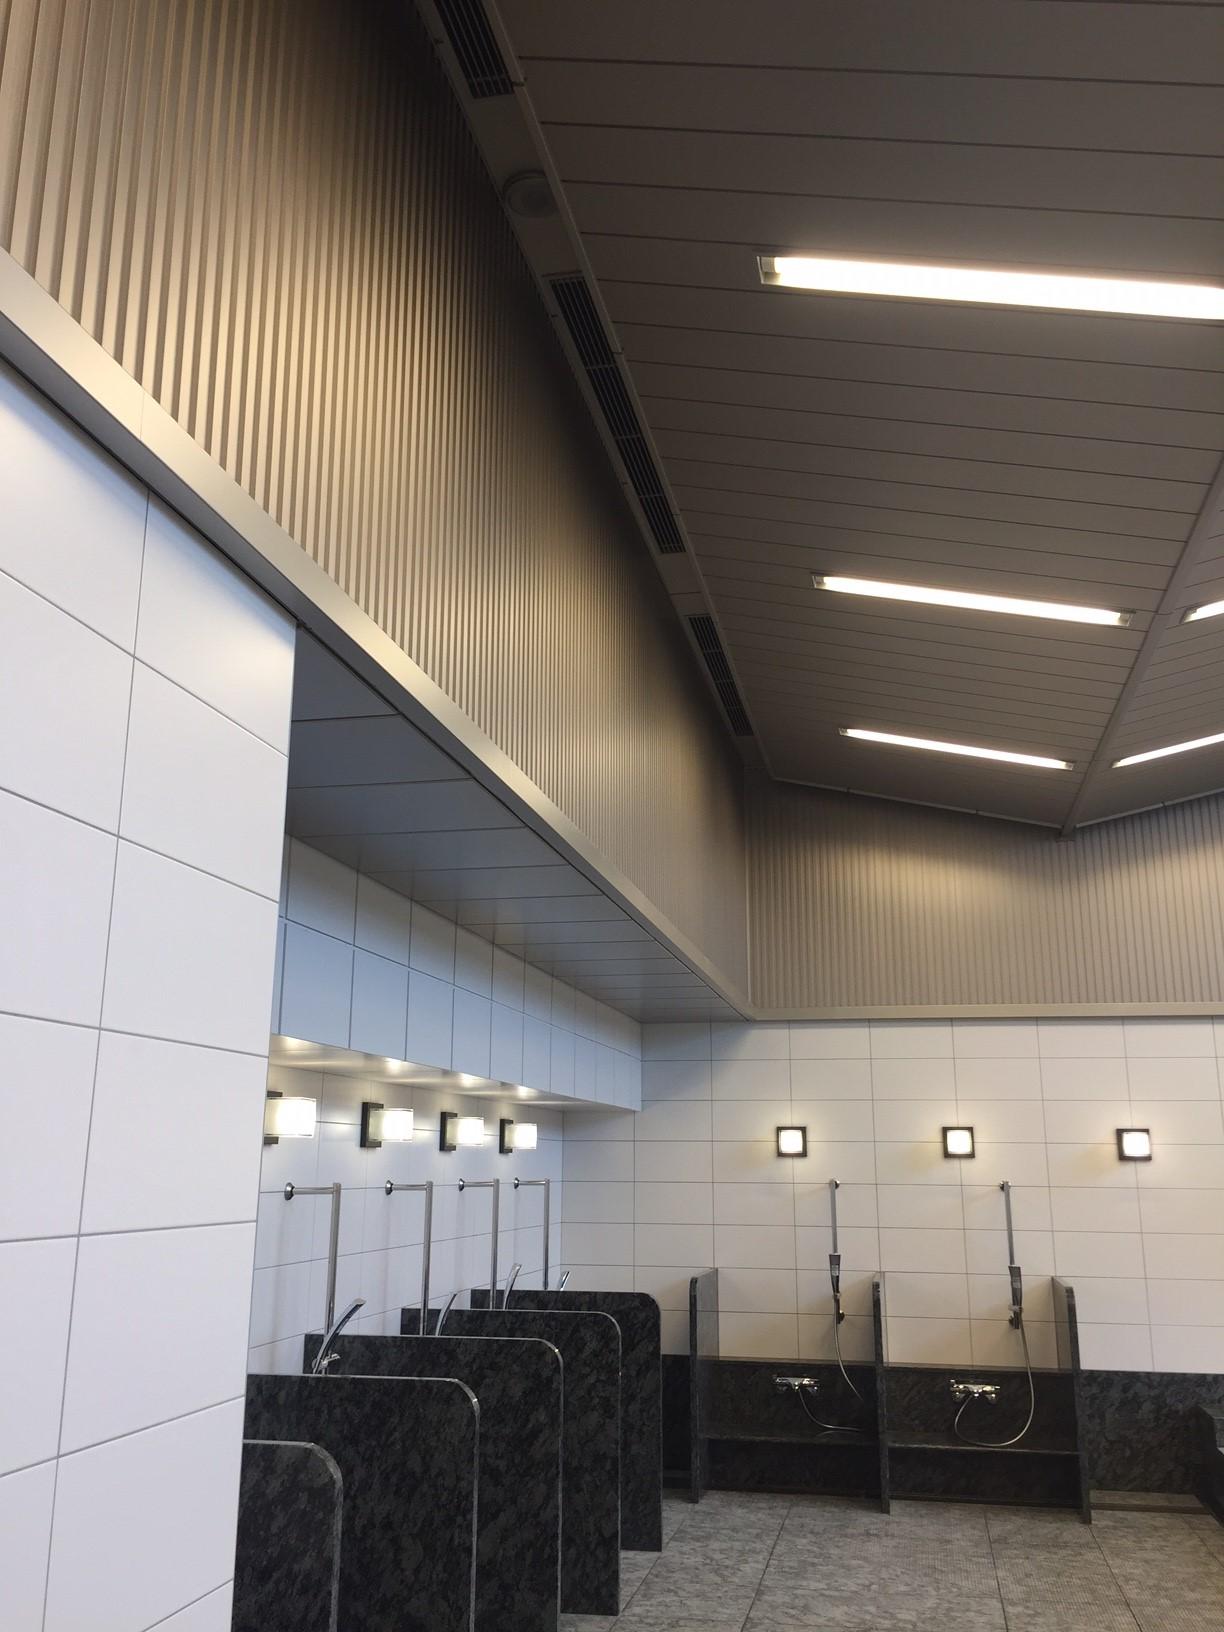 サンシティー立川昭和記念公園 天井照明パネル(4方) 天井・壁パネル・結露受け6